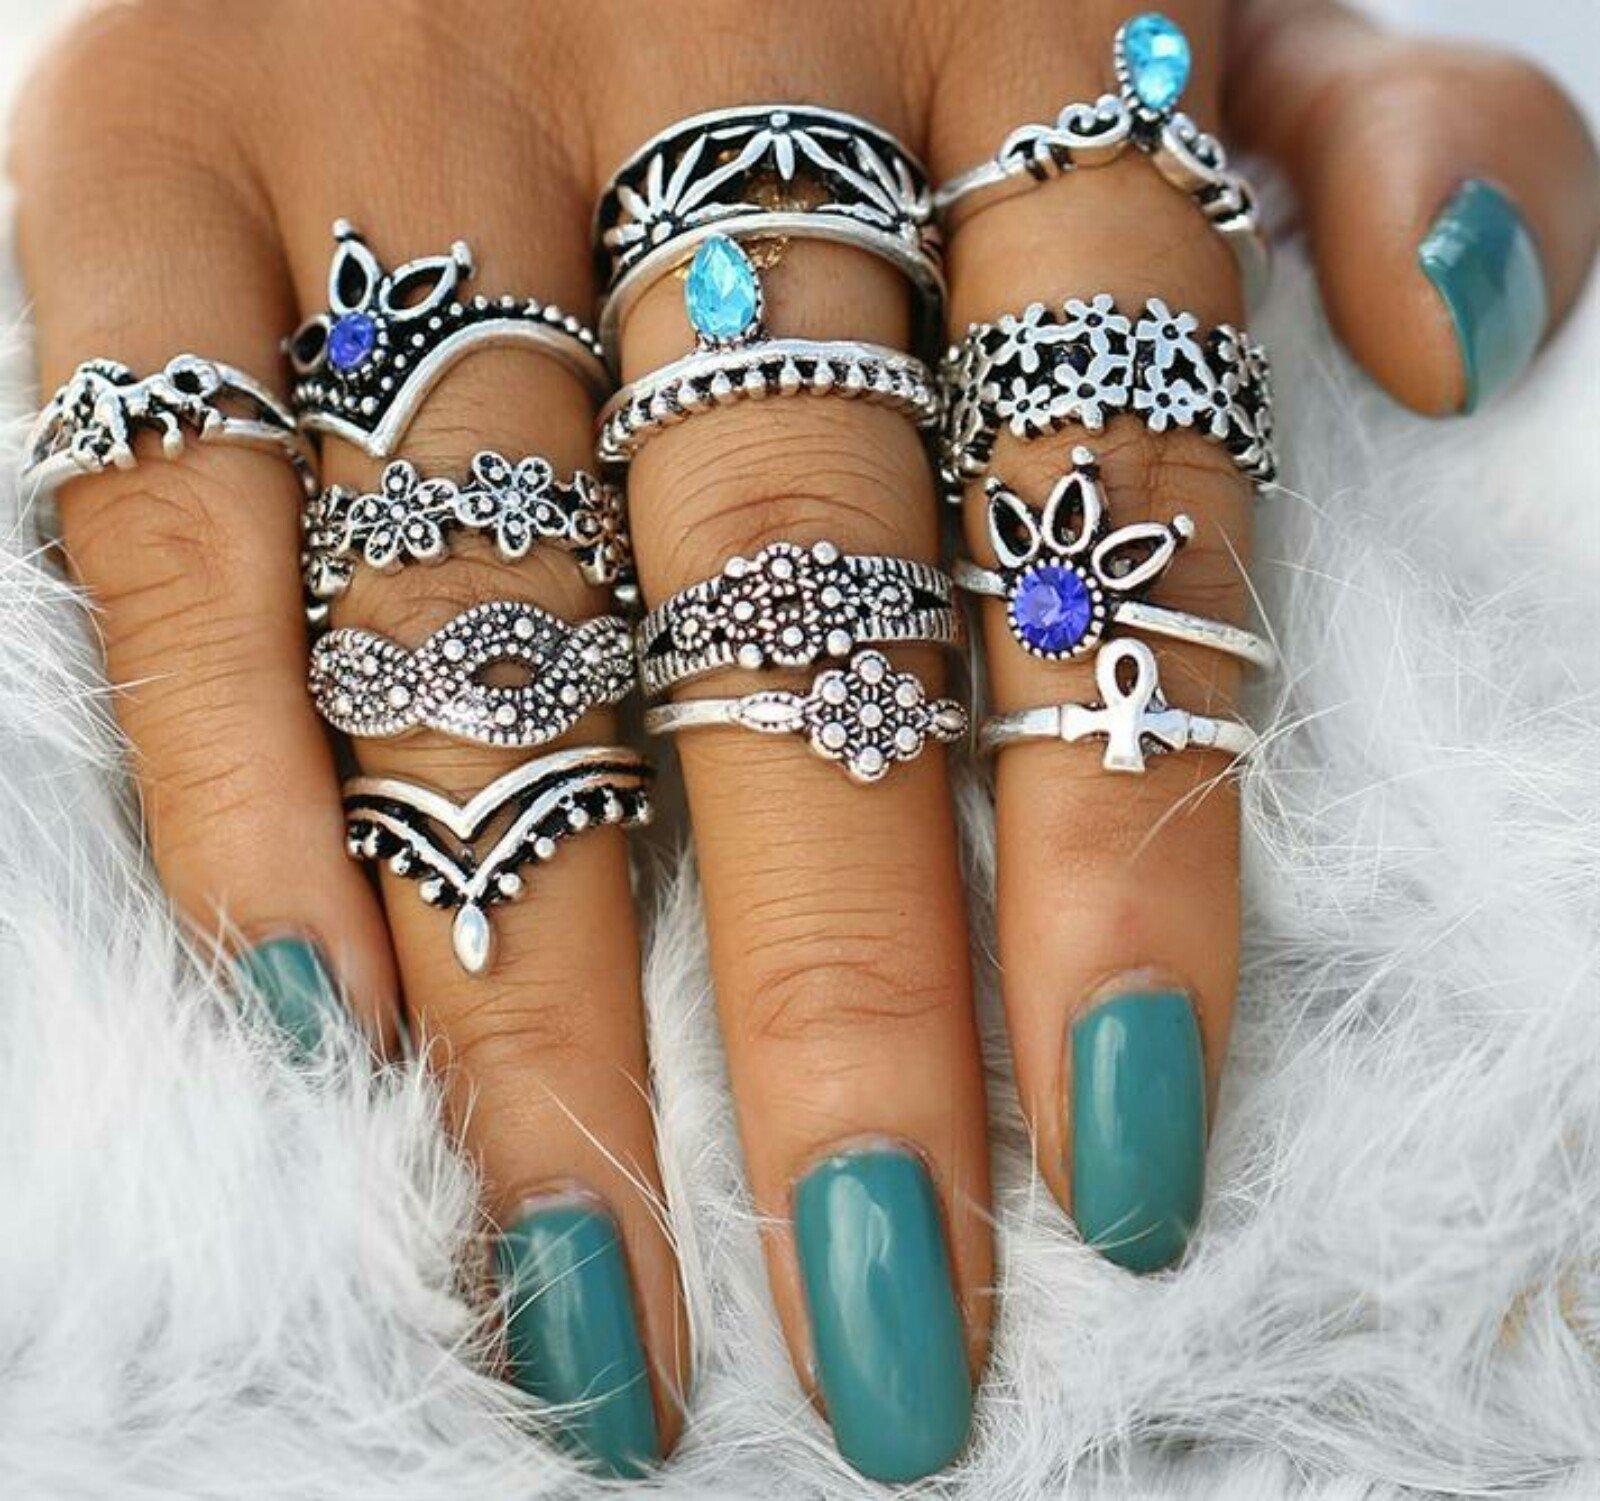 Two Glam Chixs Vintage Knuckle Statement Stacking Ring Set - Boho Stacking Ring Set Women